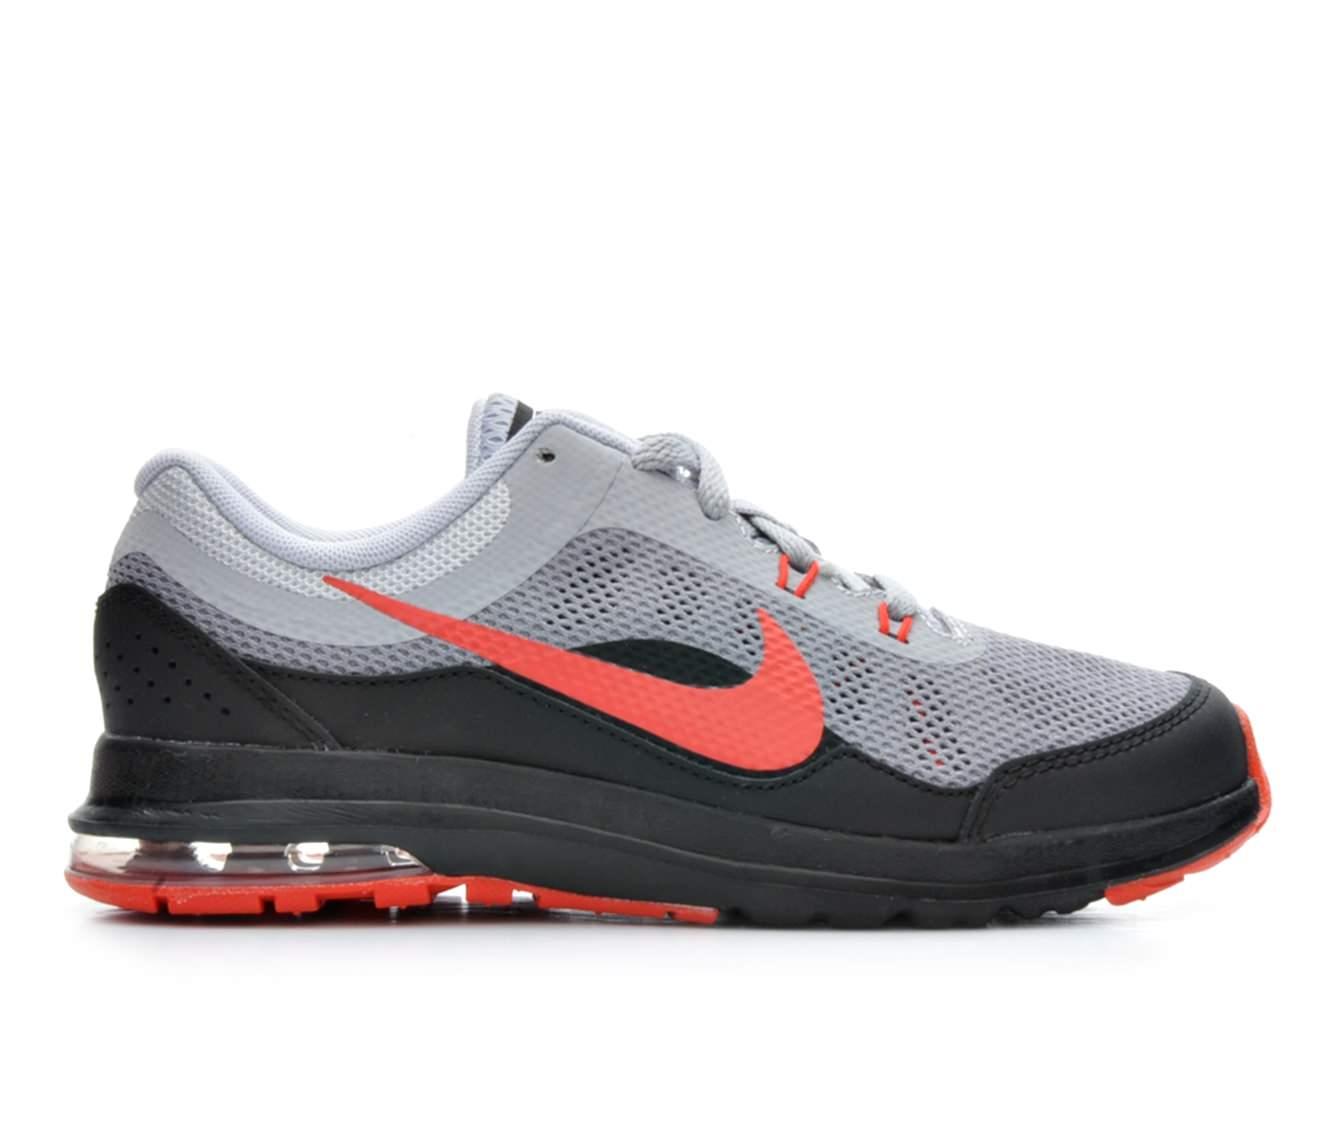 Boys' Nike Air Max Dynasty 2 Running Shoes (Grey)